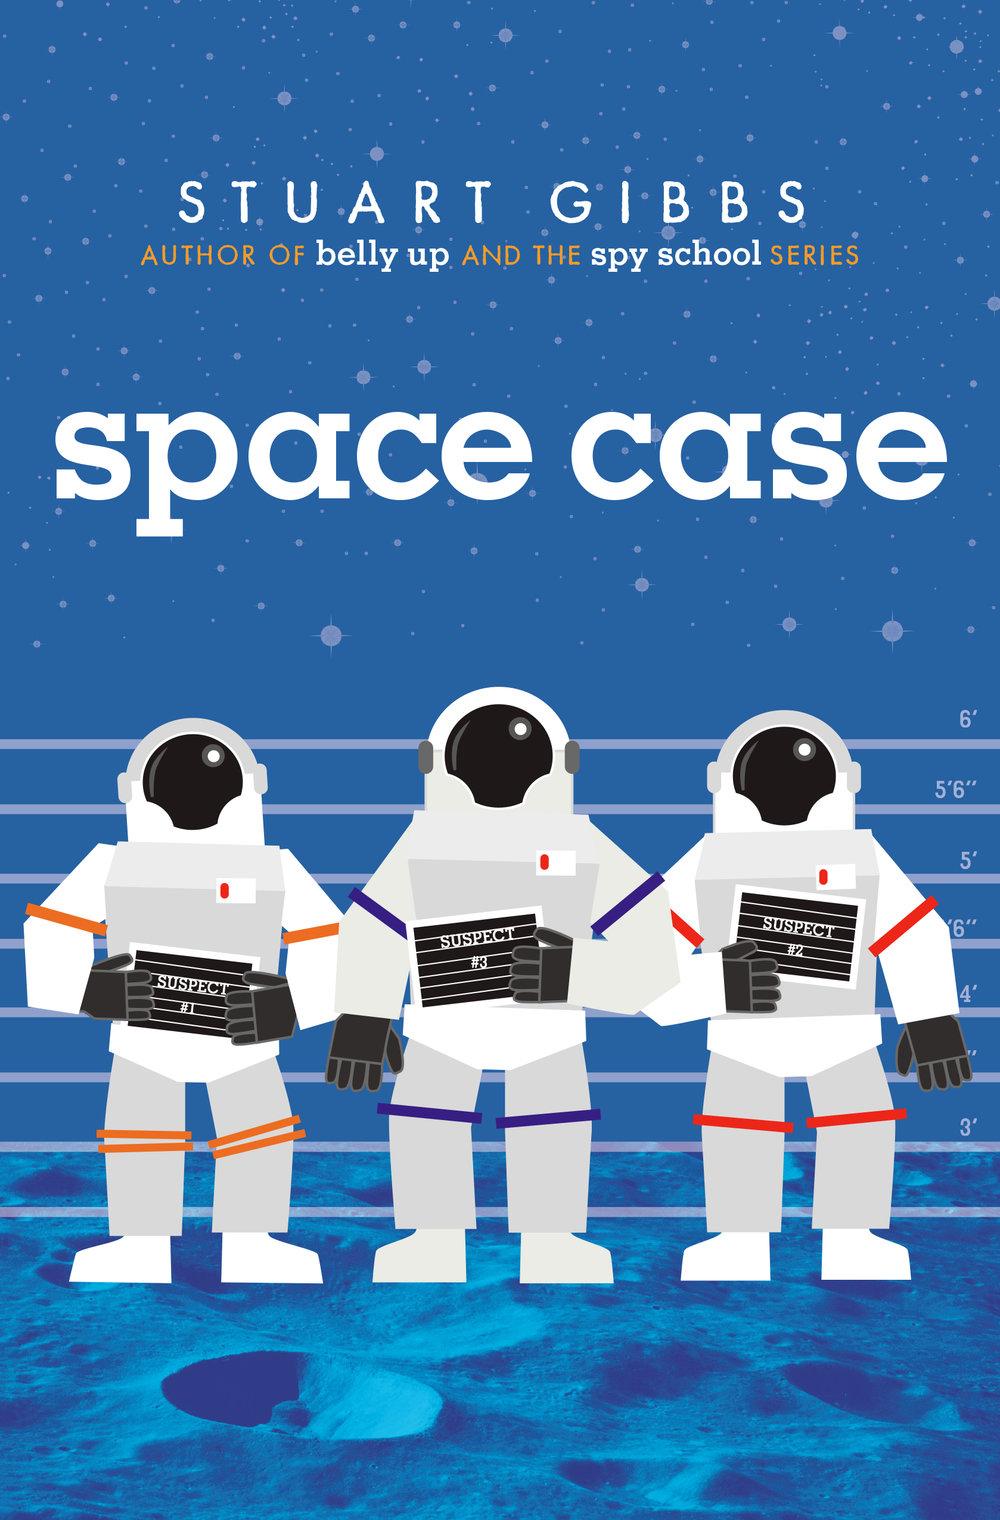 gibbs-space-case.jpg